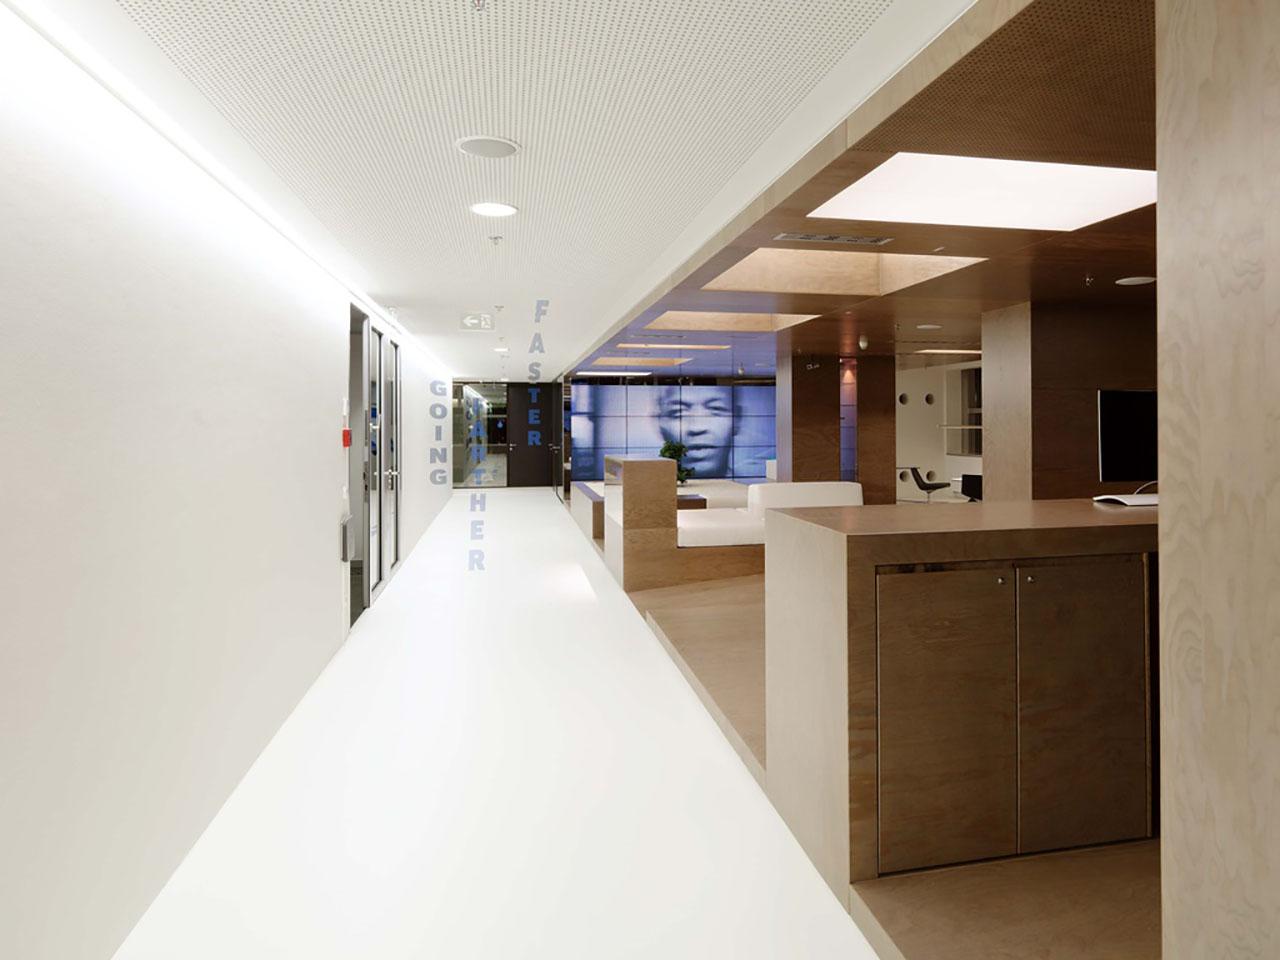 Samsung Wien 11.2011 Architekturb